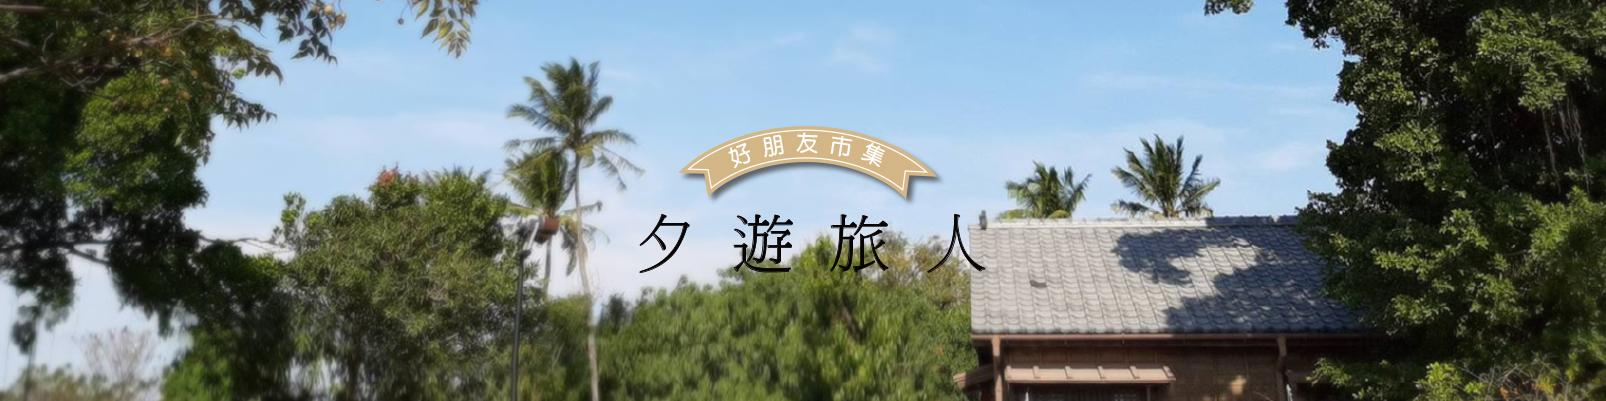 3月 // 夕遊旅人 - 好朋友市集